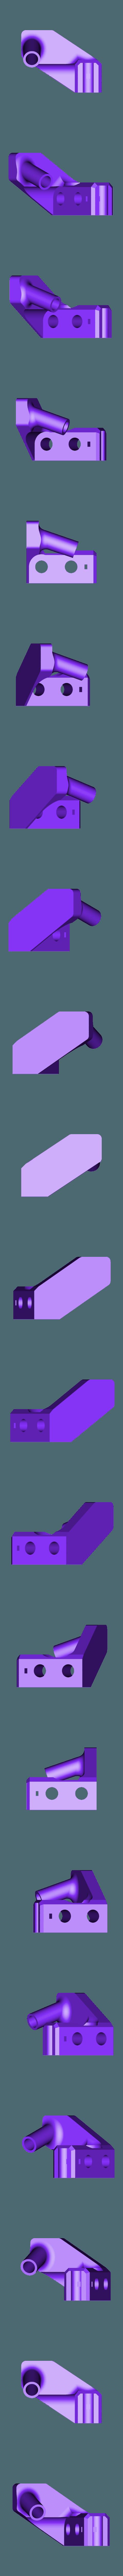 y-corner-left.stl Download free STL file Prusa i3 frame reinforcement • 3D printer template, MaxMKA